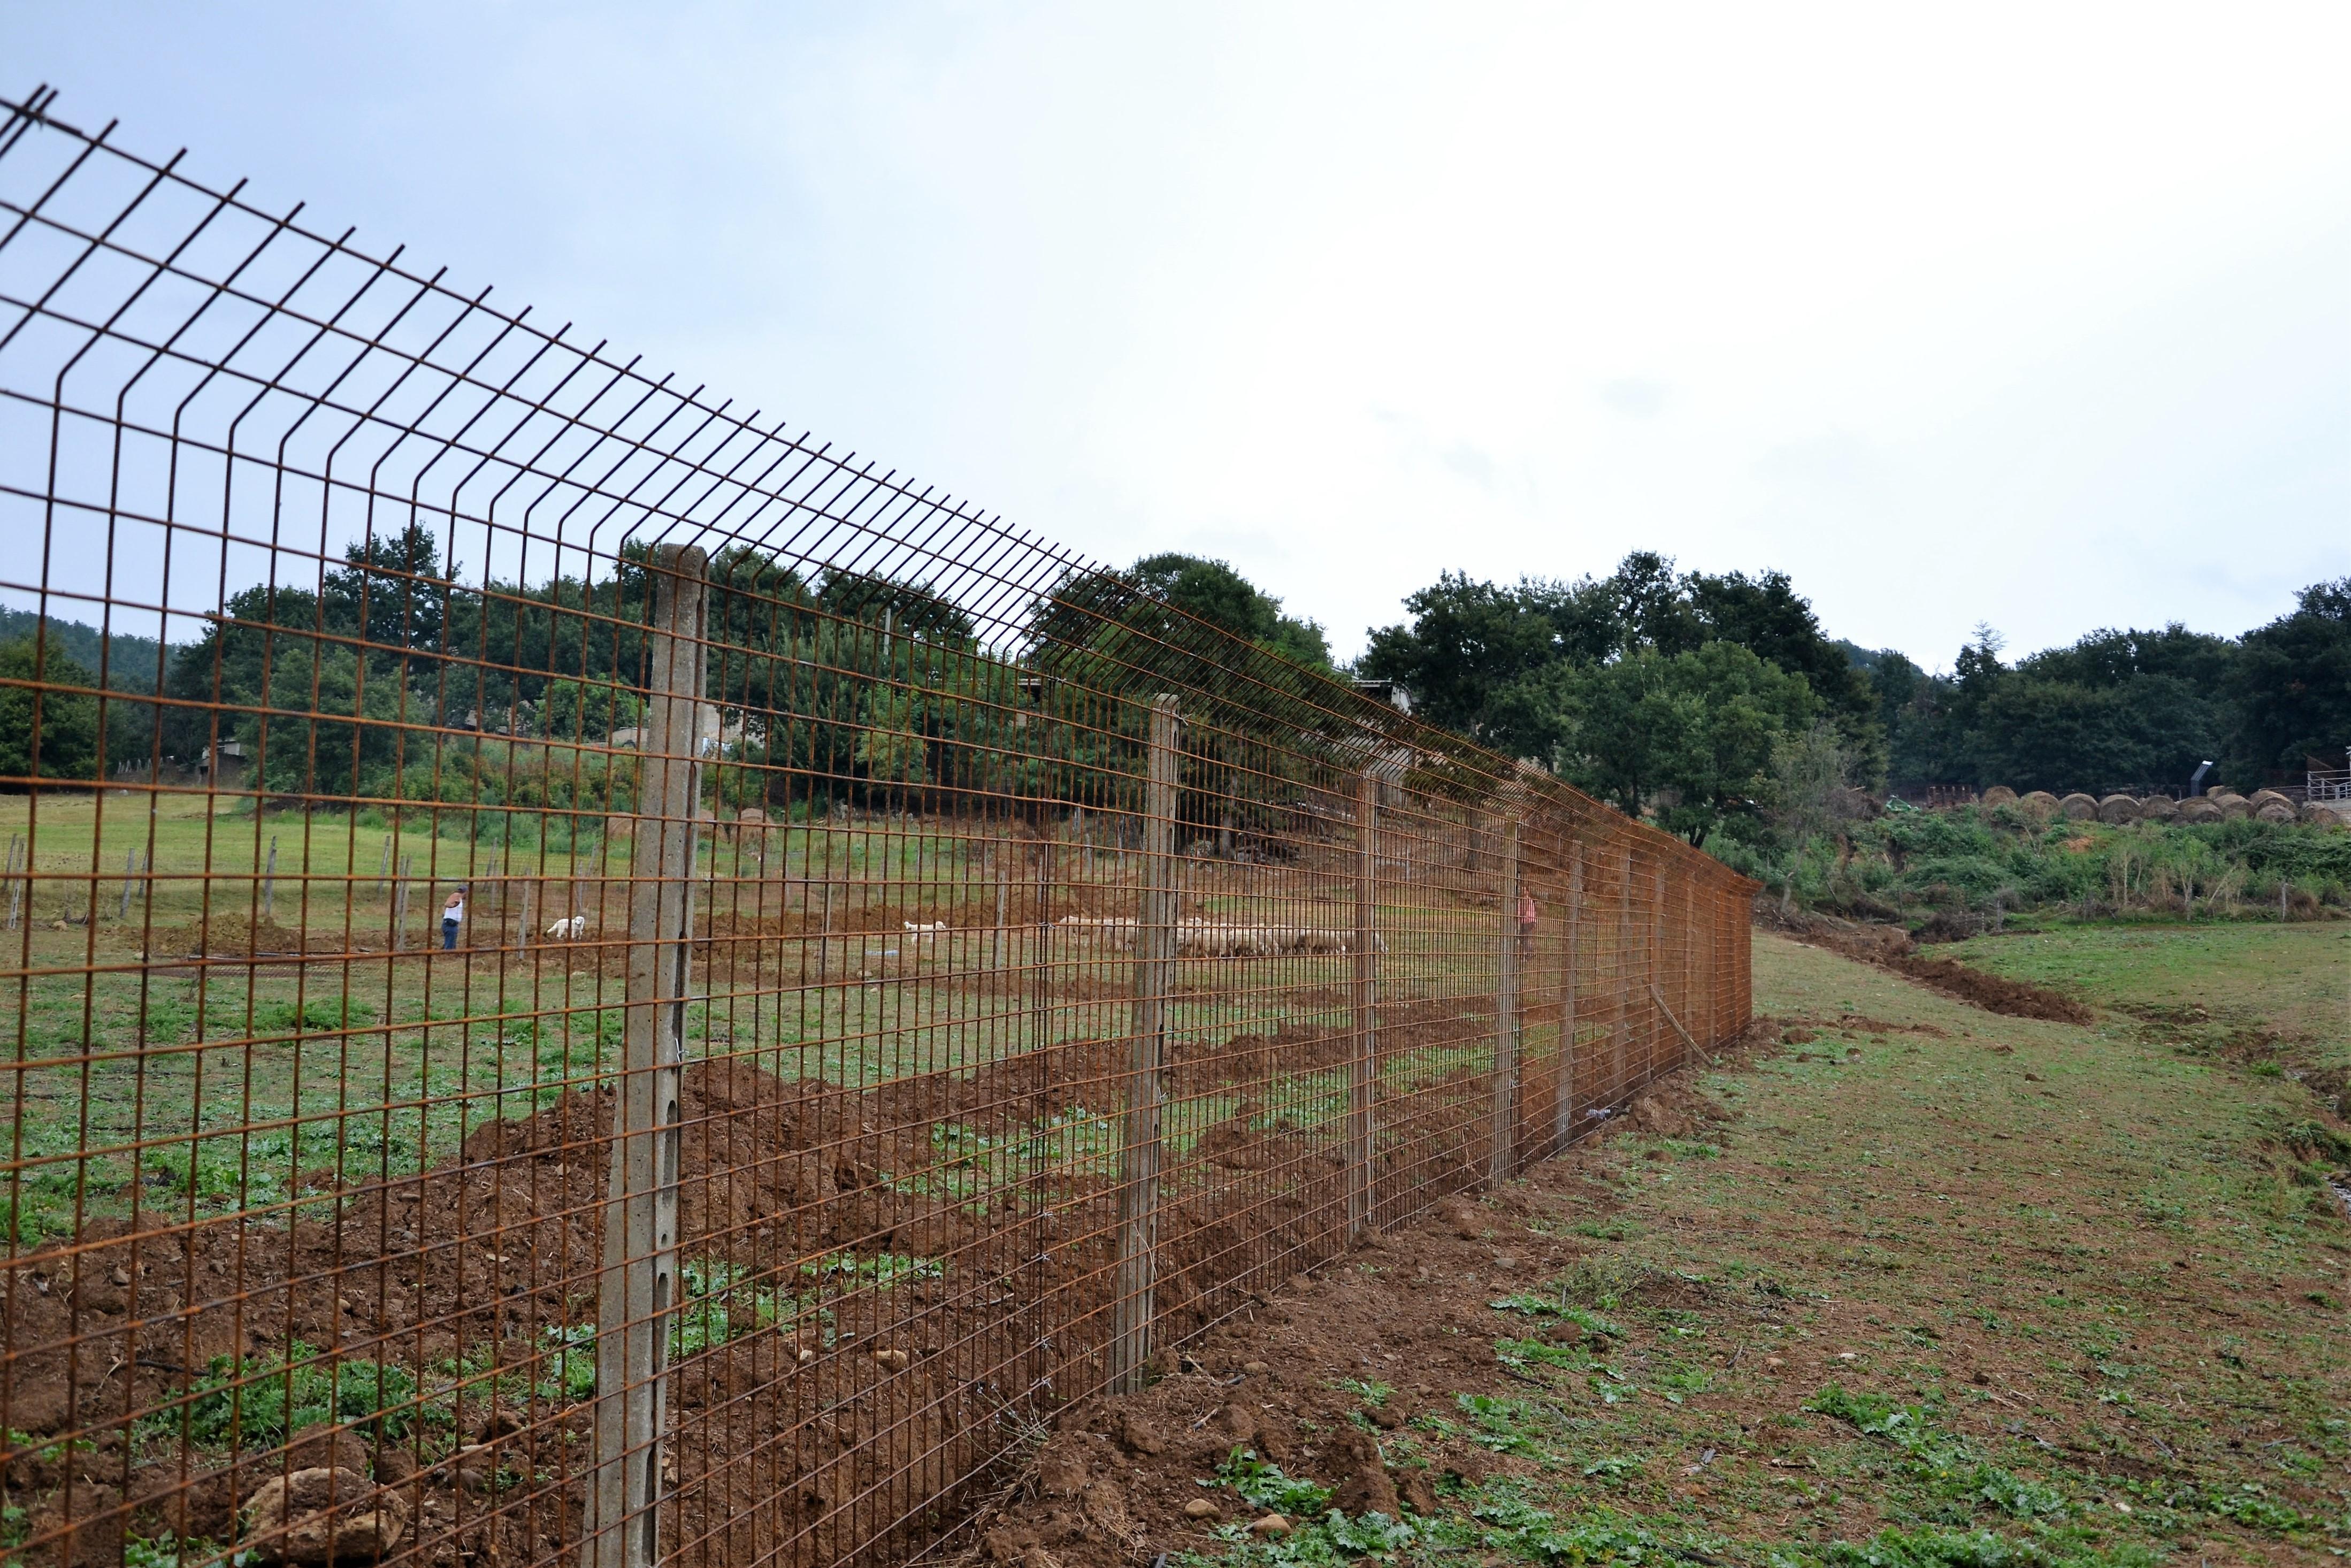 Recinzioni metalliche fisse protezione del bestiame for Pali cemento per recinzione